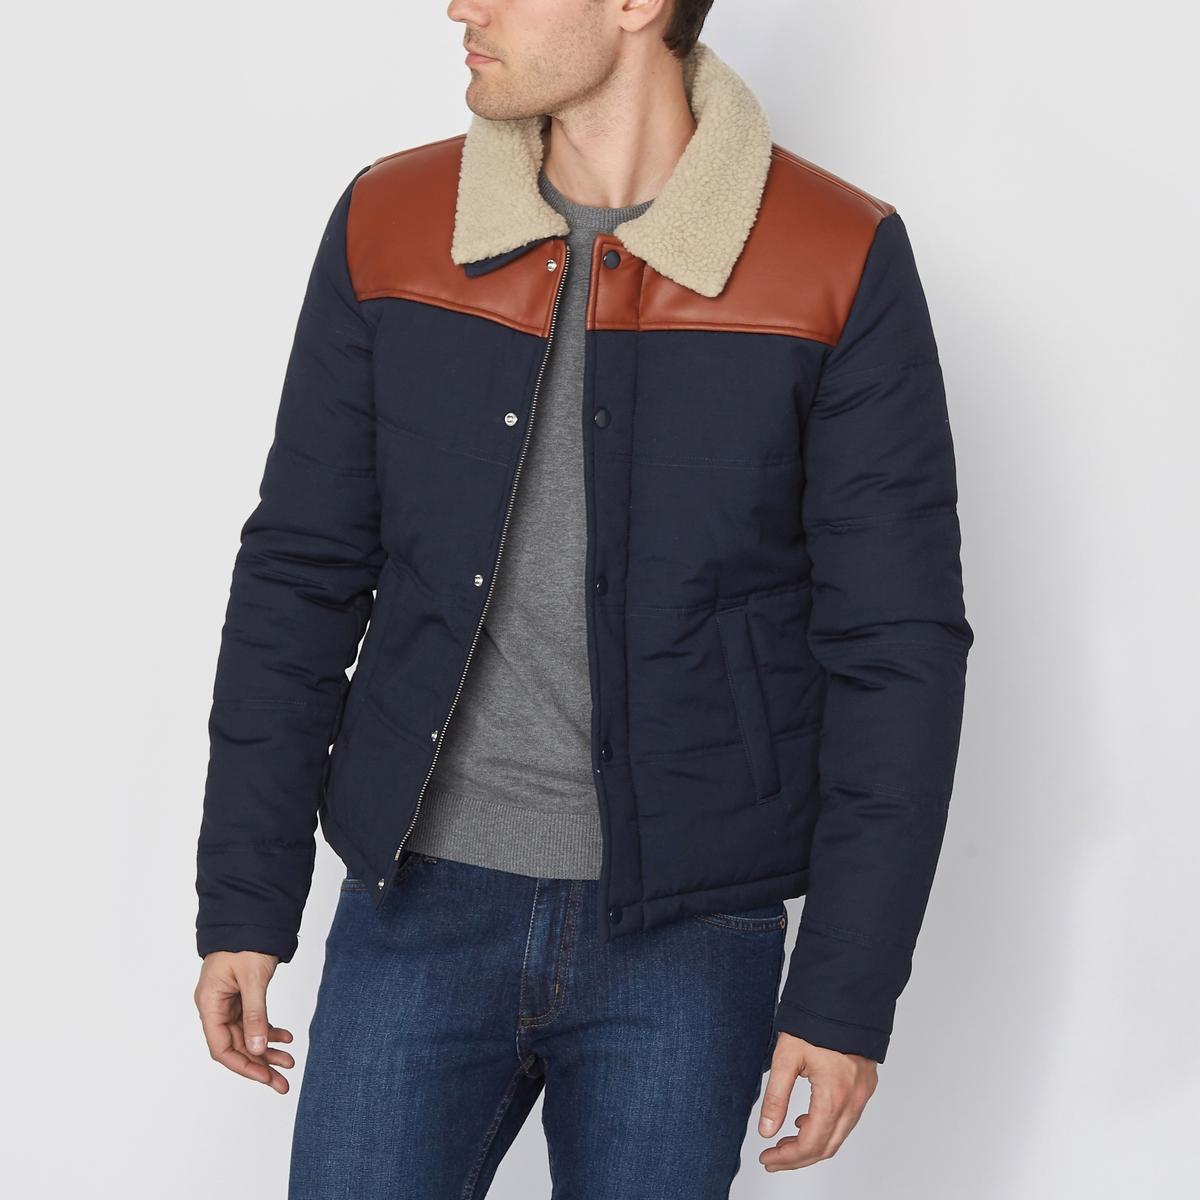 Куртка стеганаяСостав и описание :Материал : 100% хлопка.Марка : R edition<br><br>Цвет: темно-синий